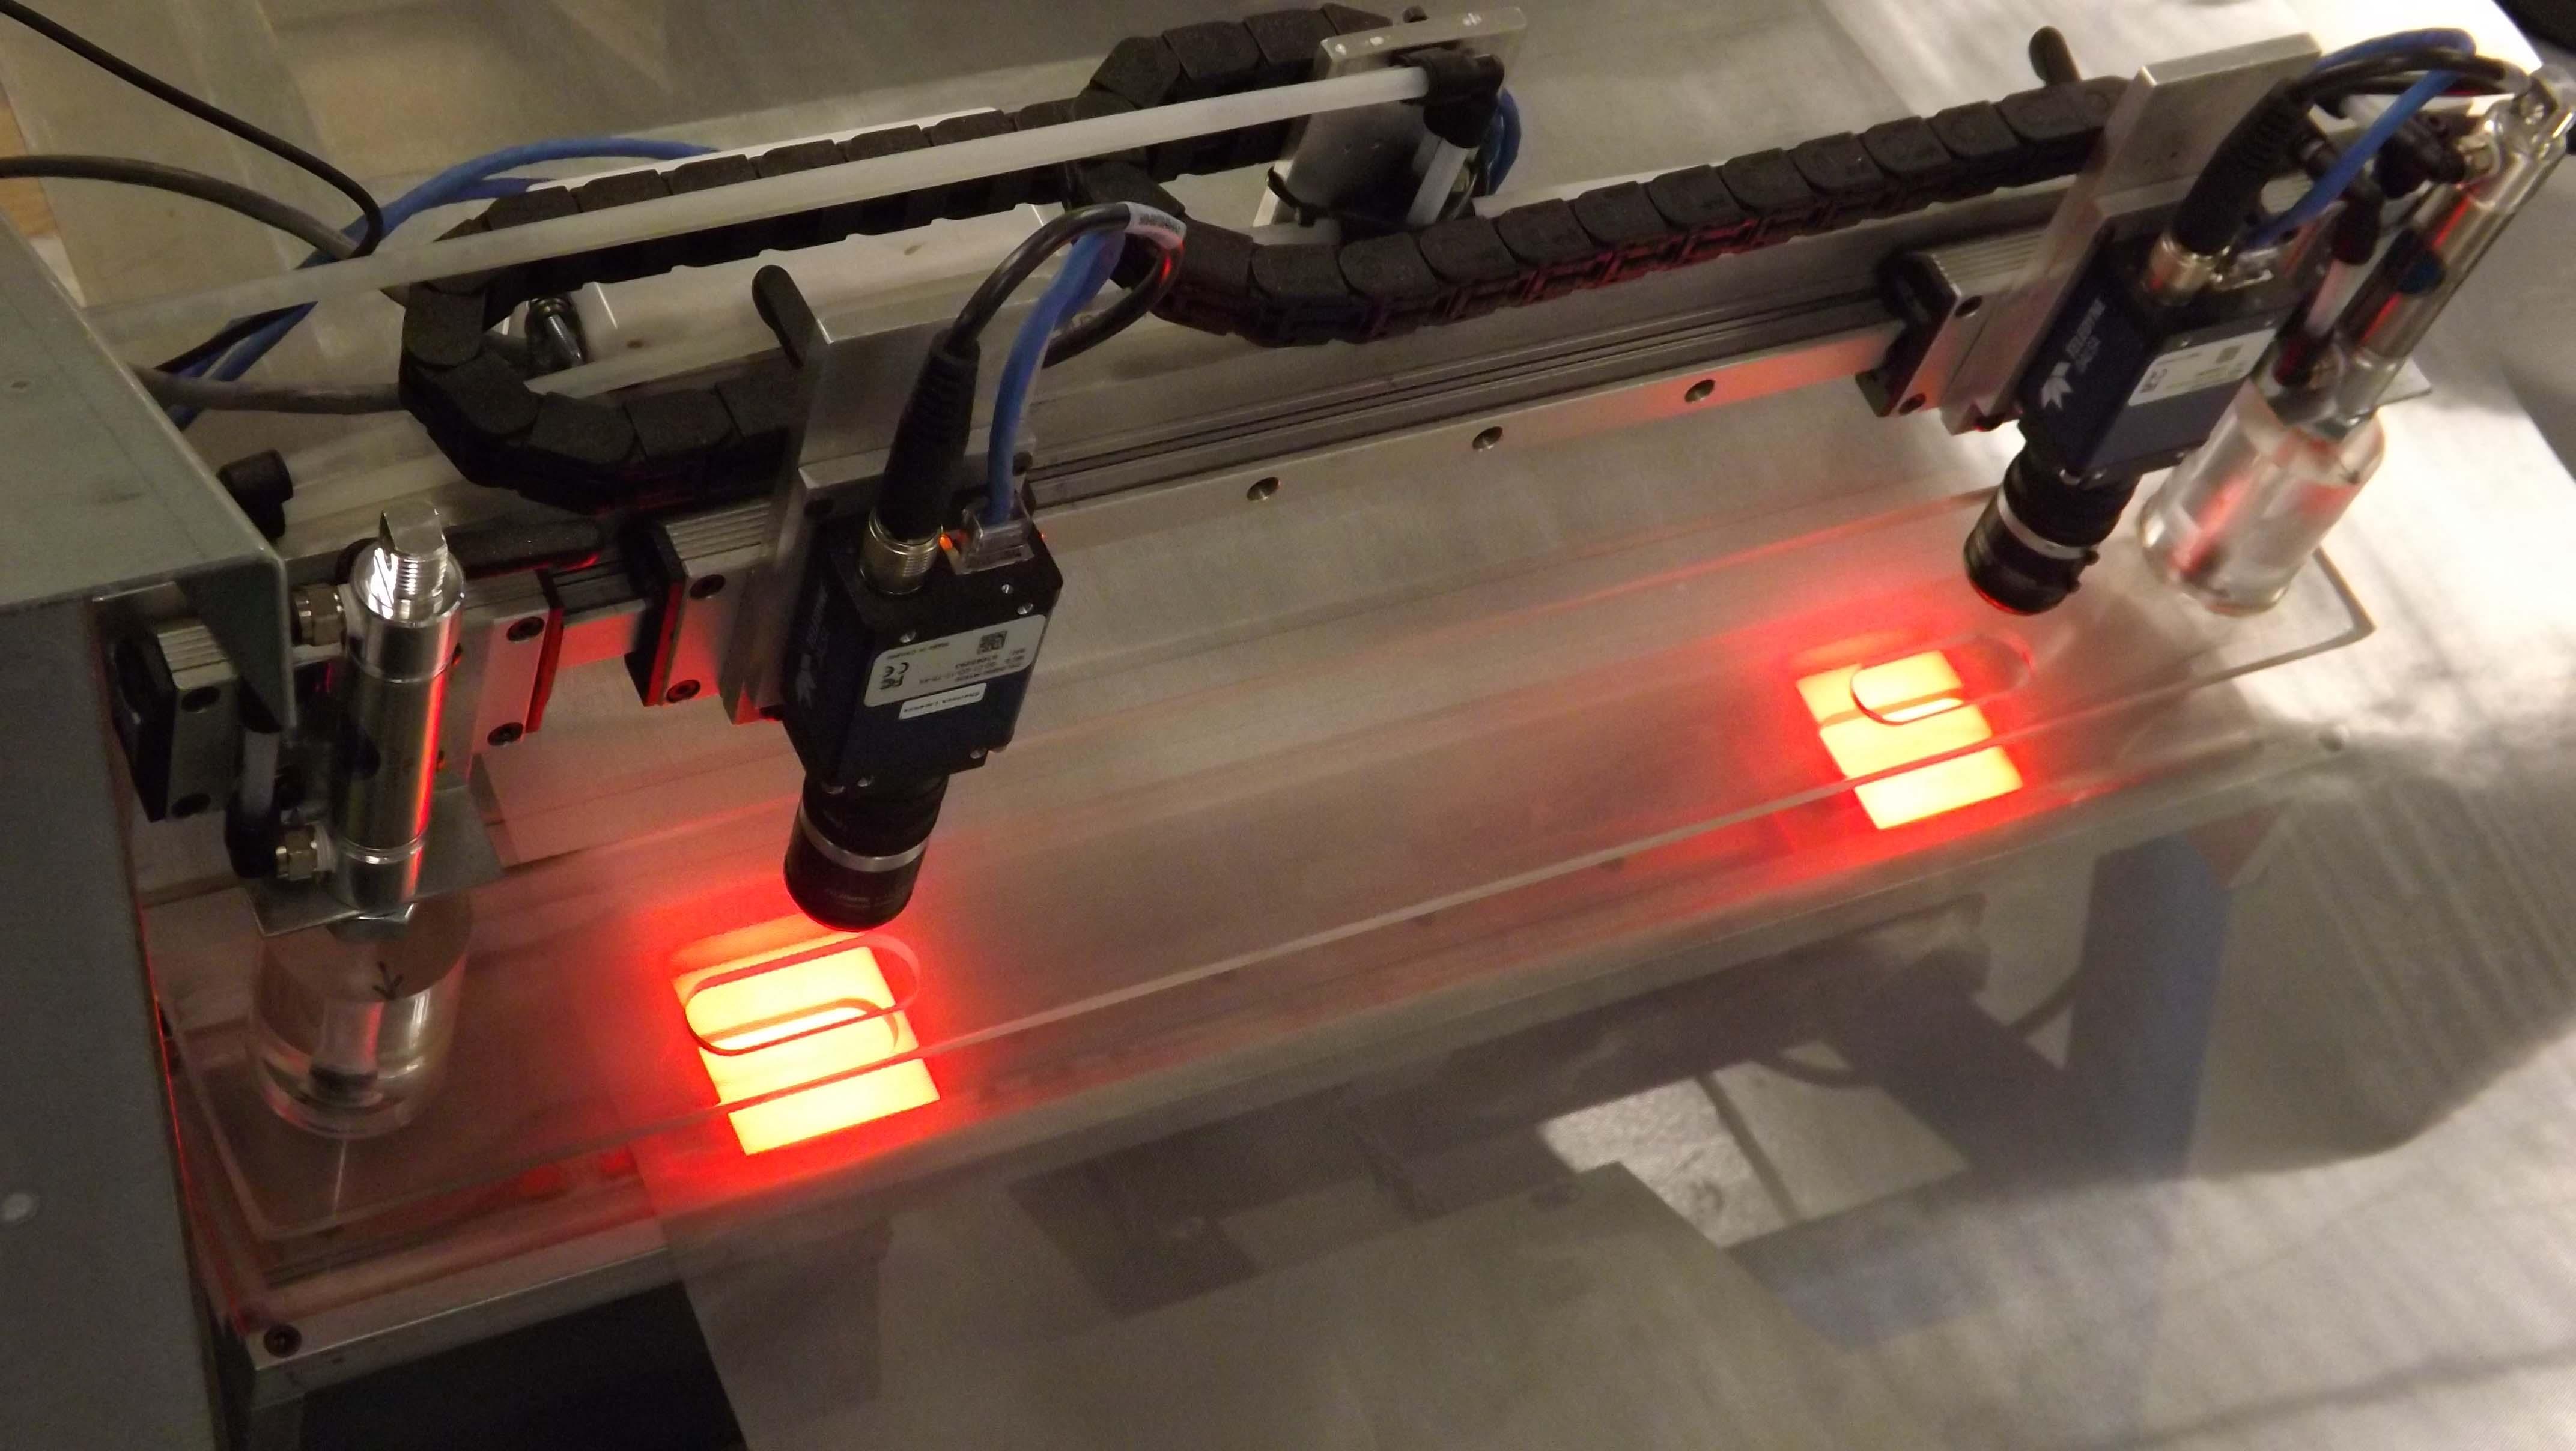 Manufacturing tool heating metal